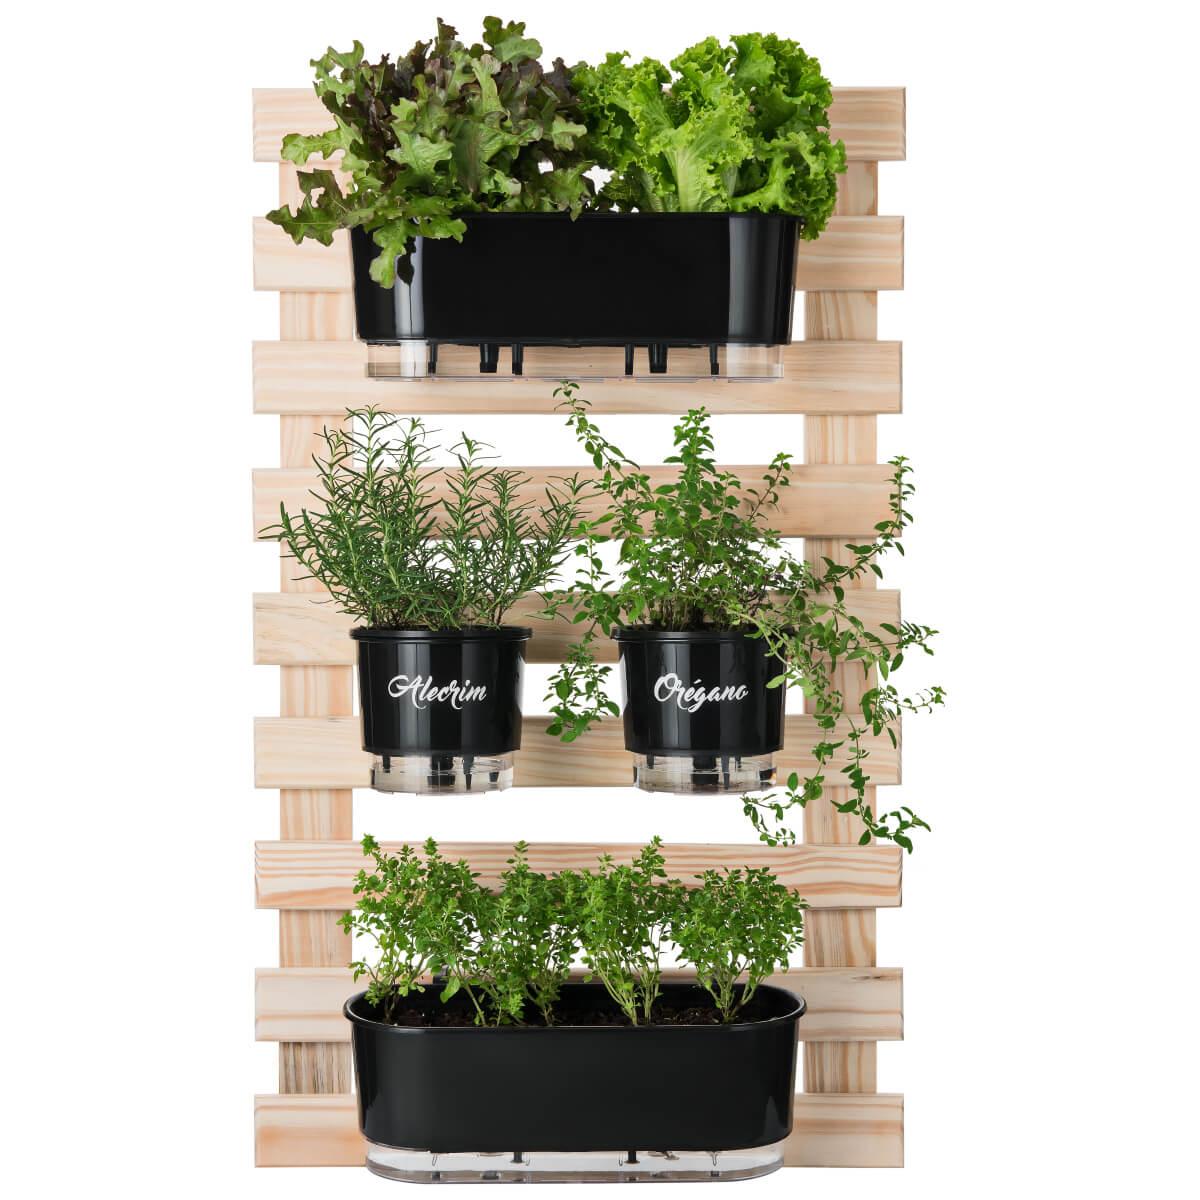 Kit Horta Vertical 60cm x 100cm com 2 Jardineiras e 2 Vasos Médios Gourmet  - Loja Raiz